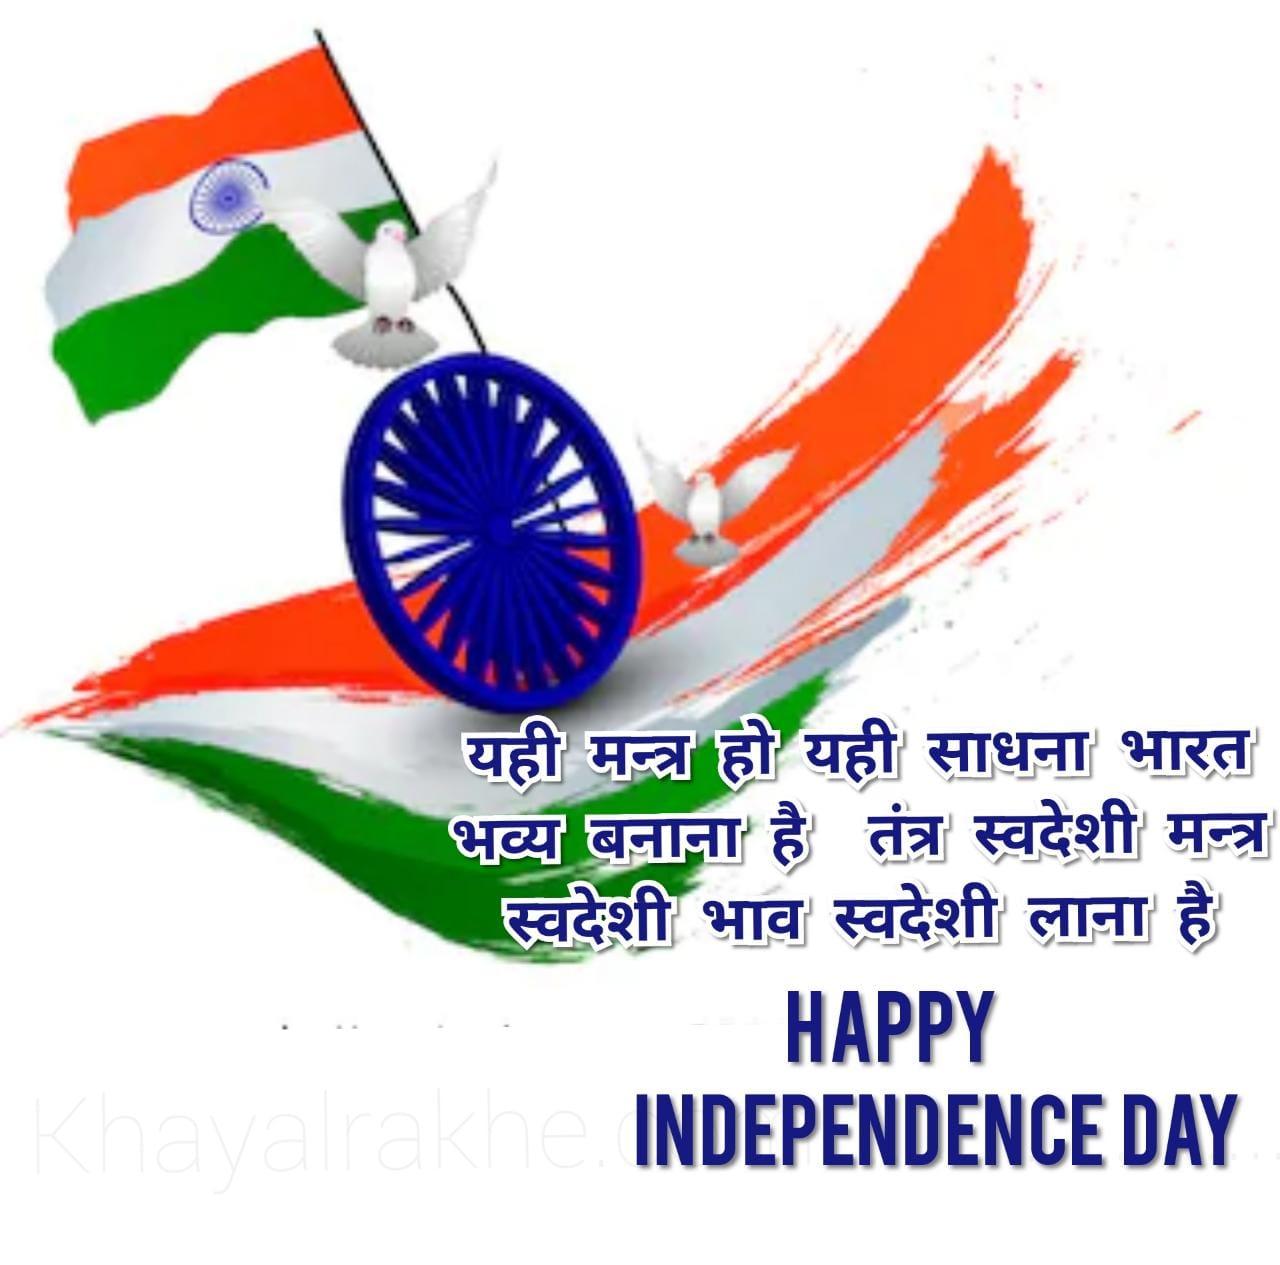 स्वतंत्रता दिवस स्टेटस, स्वतंत्रता दिवस शायरी